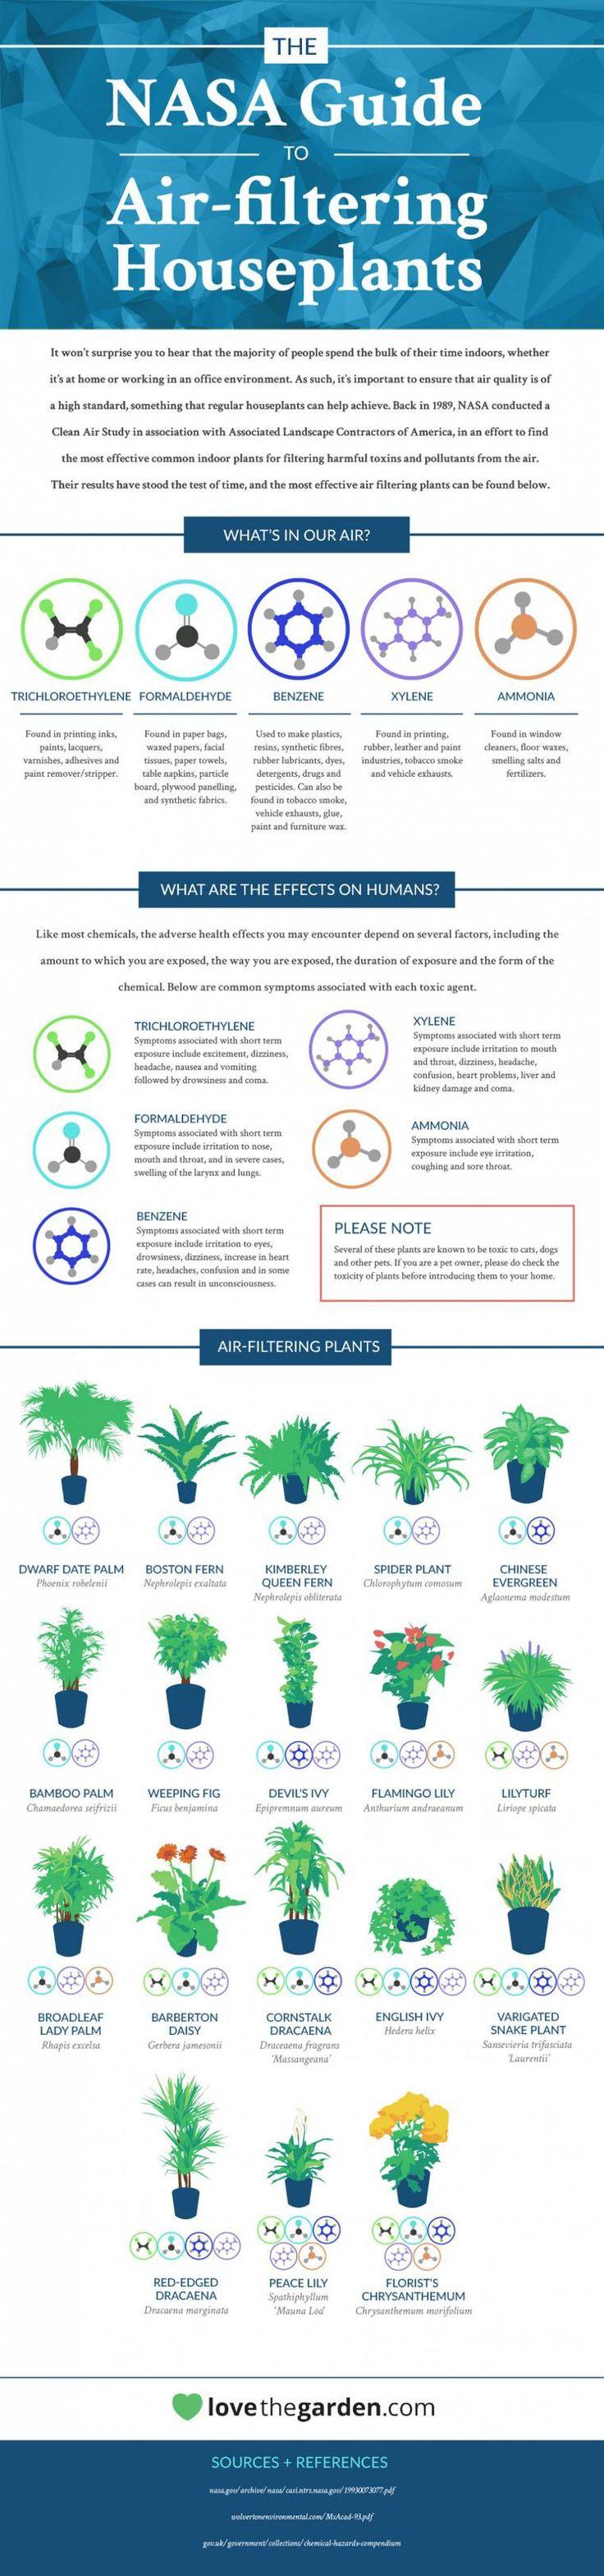 La NASA vient de publier un guide des meilleures plantes dépolluantes etpurificatrices d'air, permettant defiltrer l'air de votre intérieur en capturant l